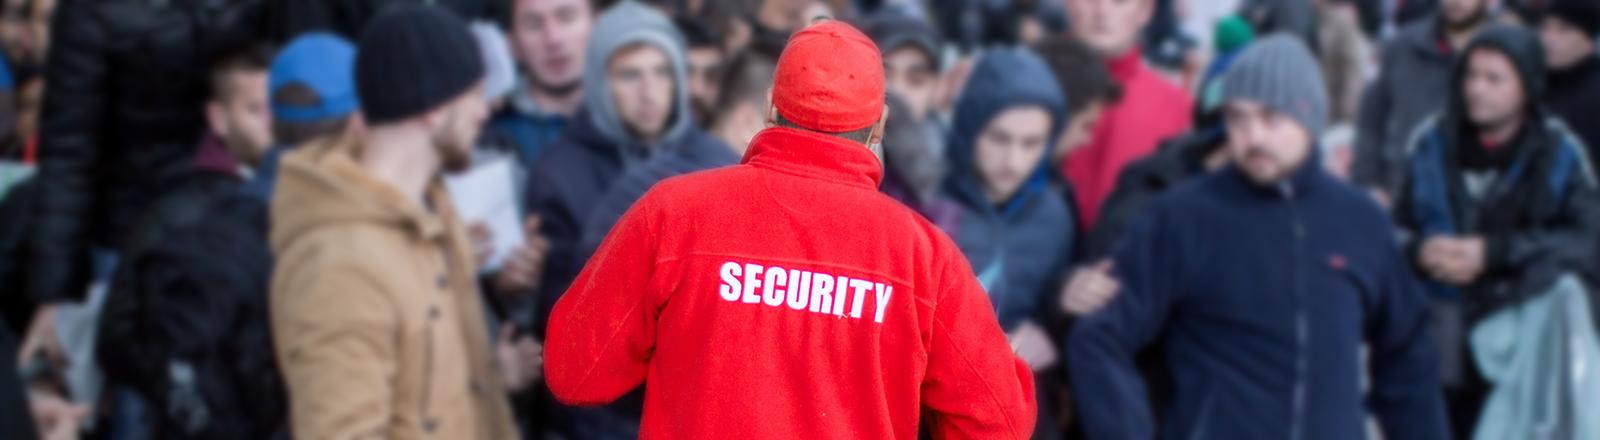 Sicherheitsmitarbeiter von hinten vor Menschenmenge